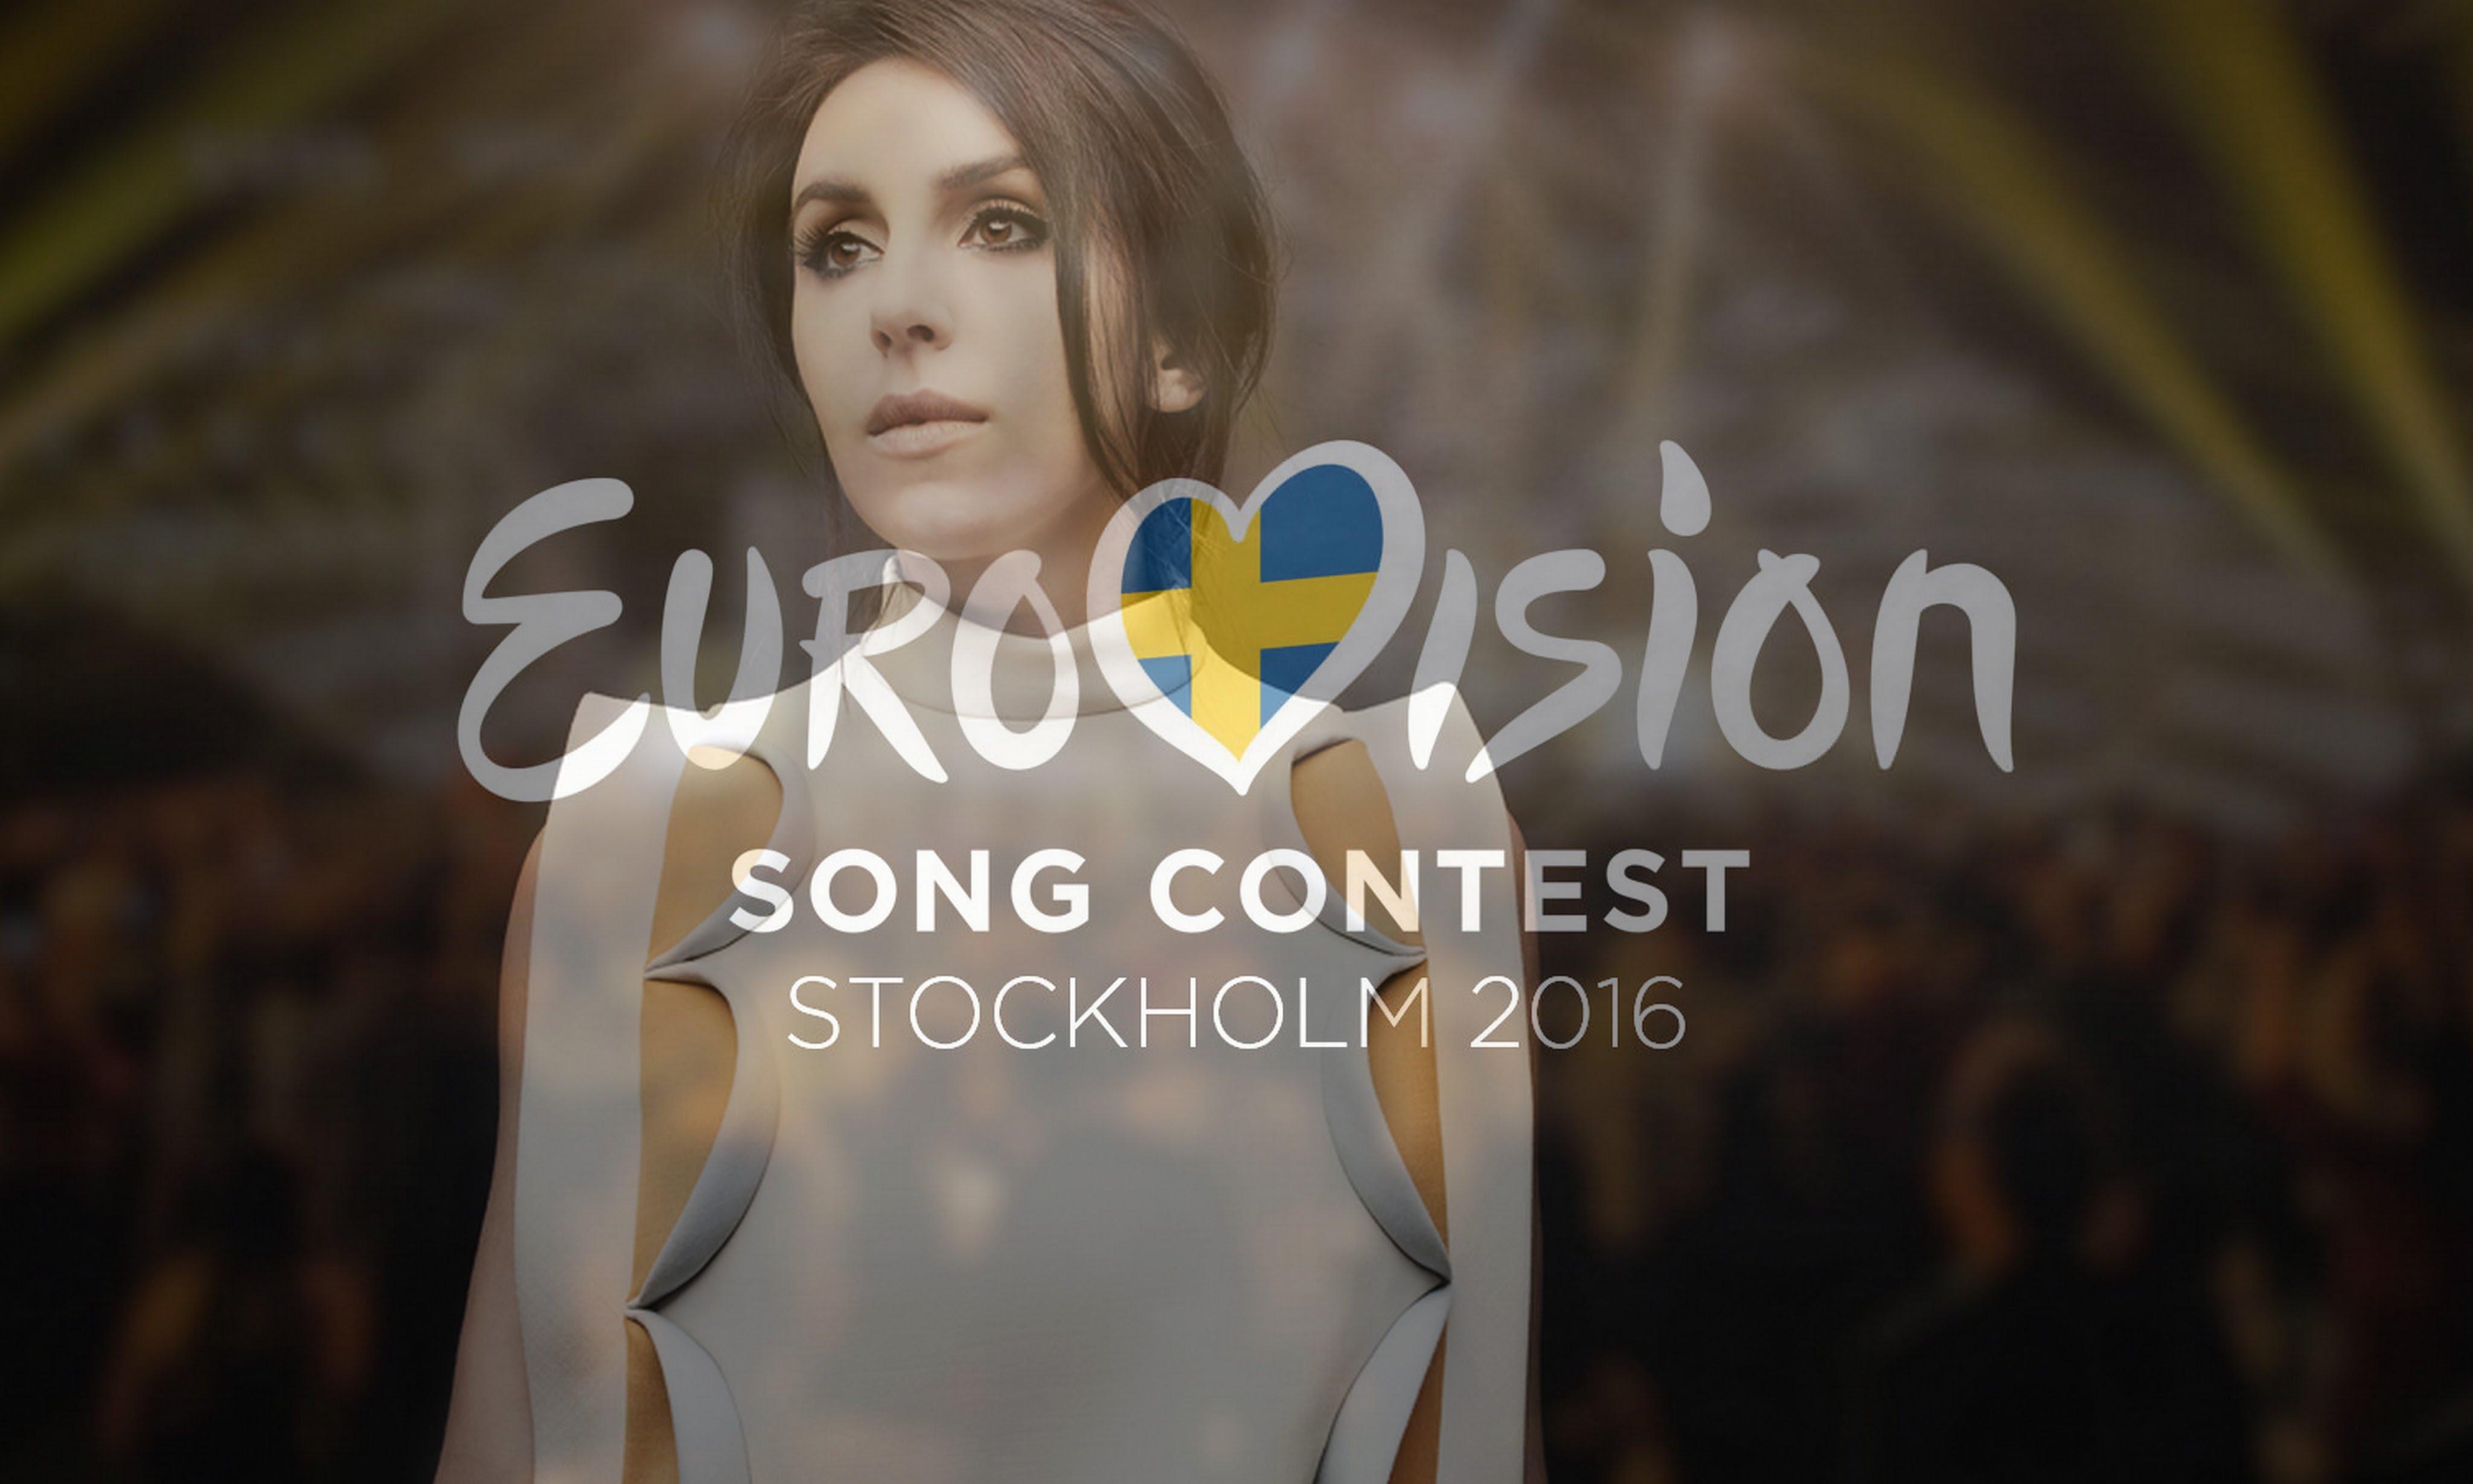 Eurovision 2016'nın Öne Çıkan Anları ve Yakışıklıları